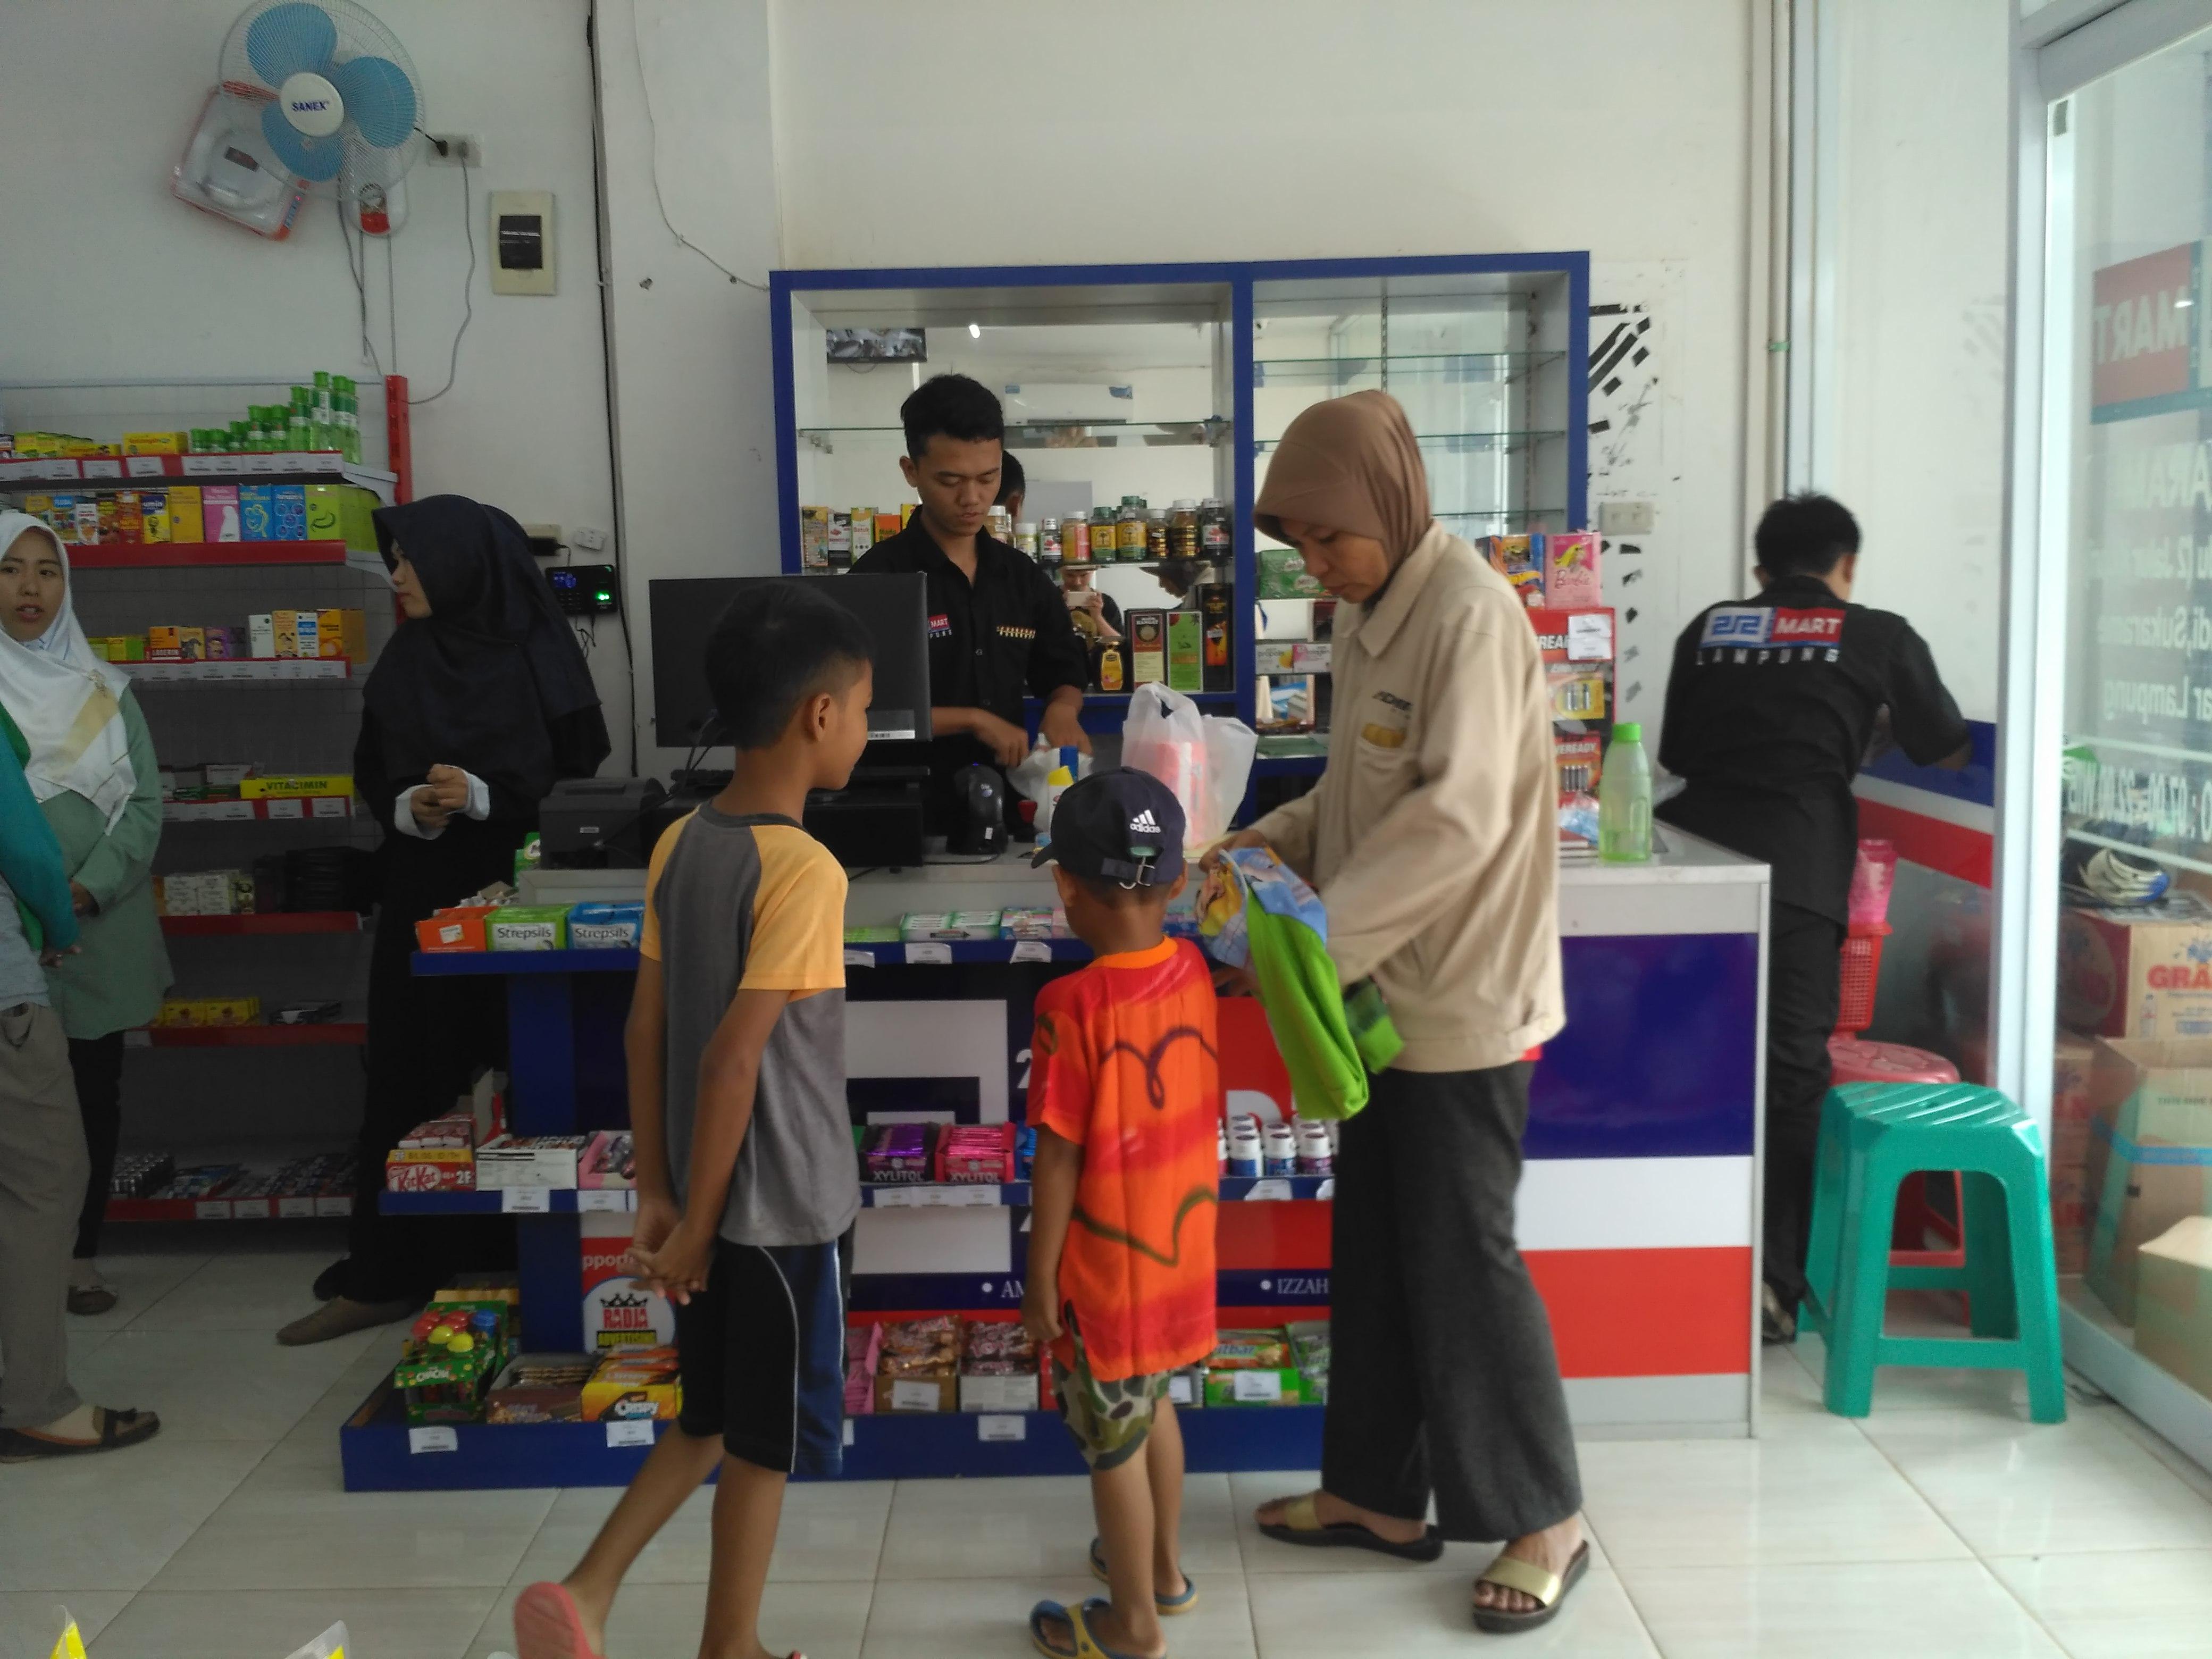 Akhirnya, 212 Mart Hadir di Lampung